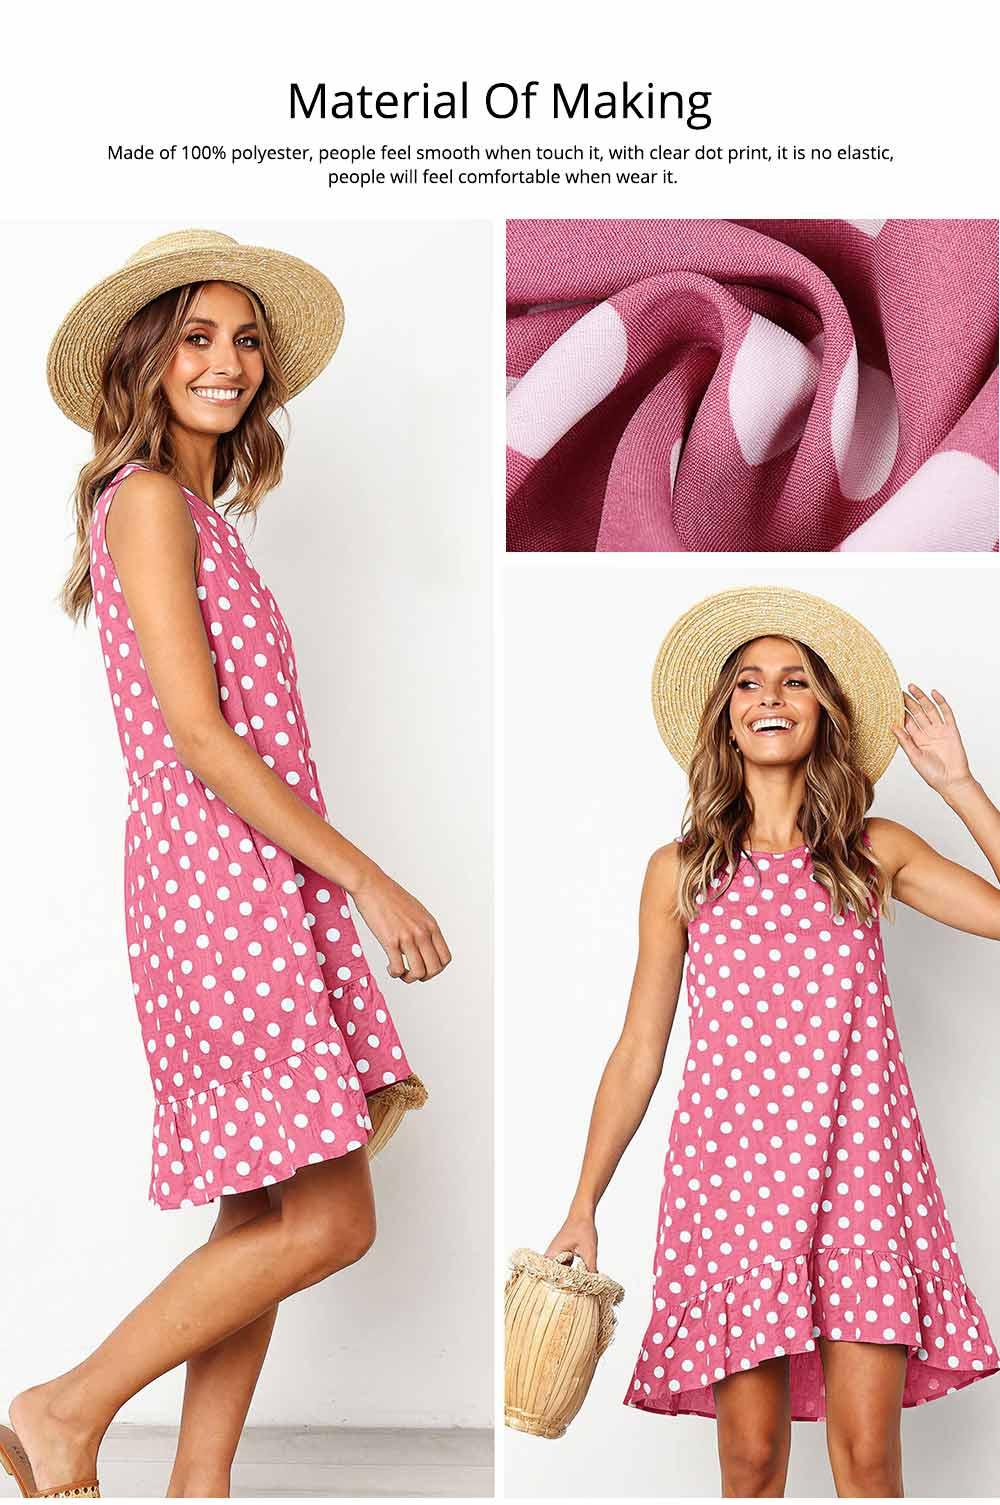 2020 Hot Sell Summer Women Girls Print Polka Dot Dress Ruffle Sleeveless A-Line Casual Loose Short Skirt 1